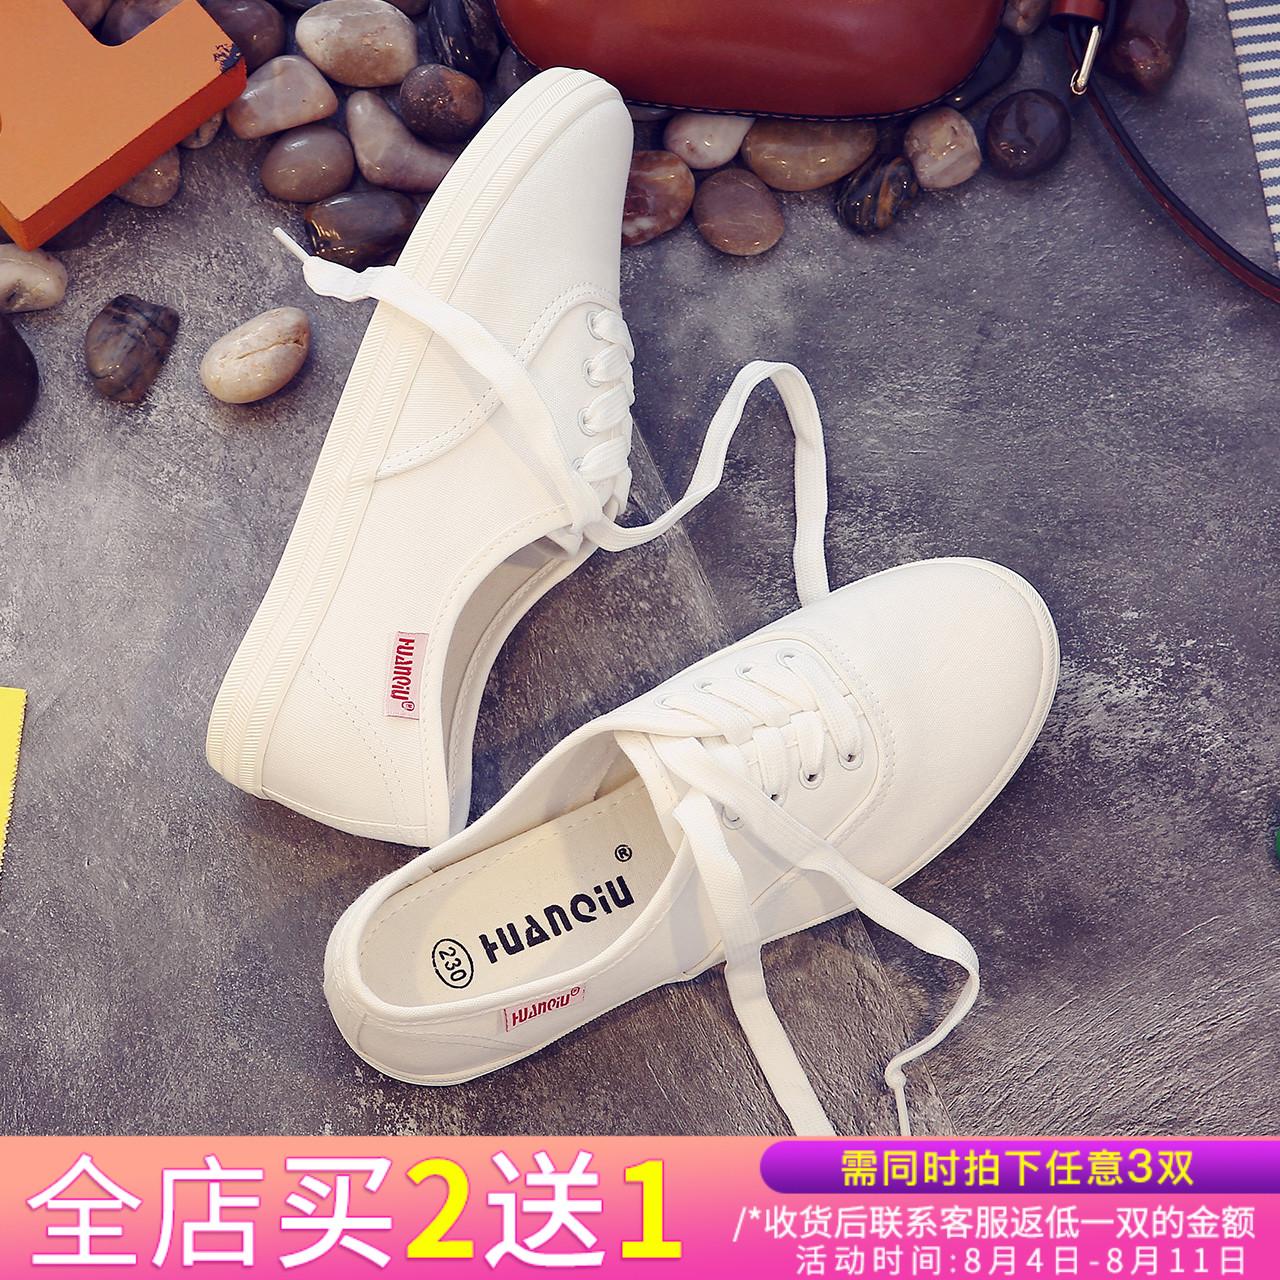 百搭帆布鞋低��W生布鞋透�猸h球小白鞋女系��2018夏季�n版�o士鞋